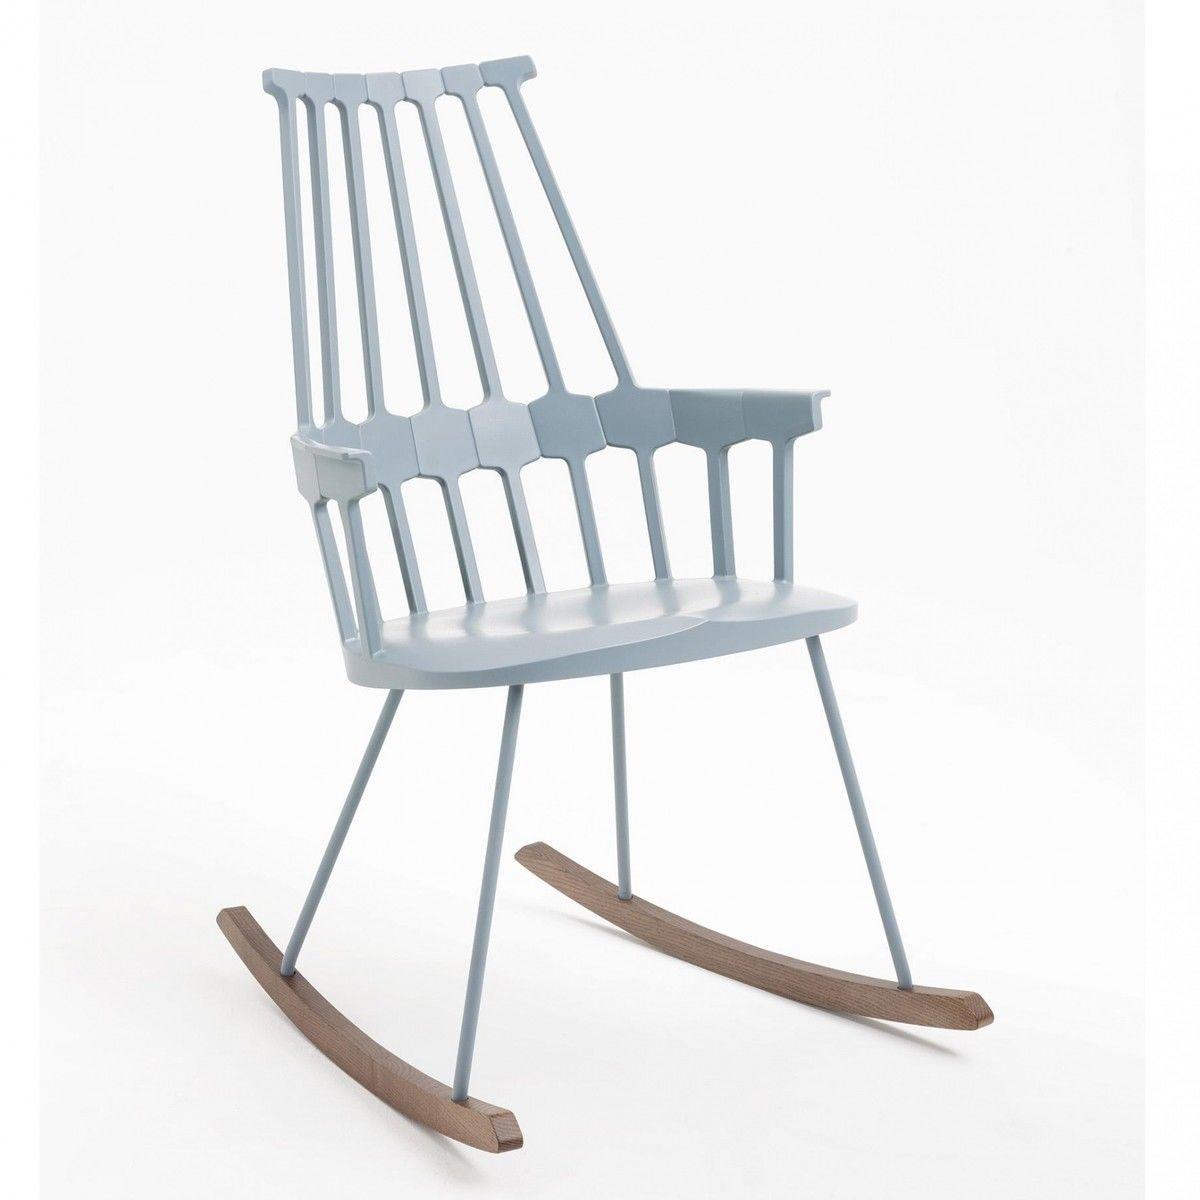 Comback chair schaukelstuhl kartell for Schaukelstuhl englisch